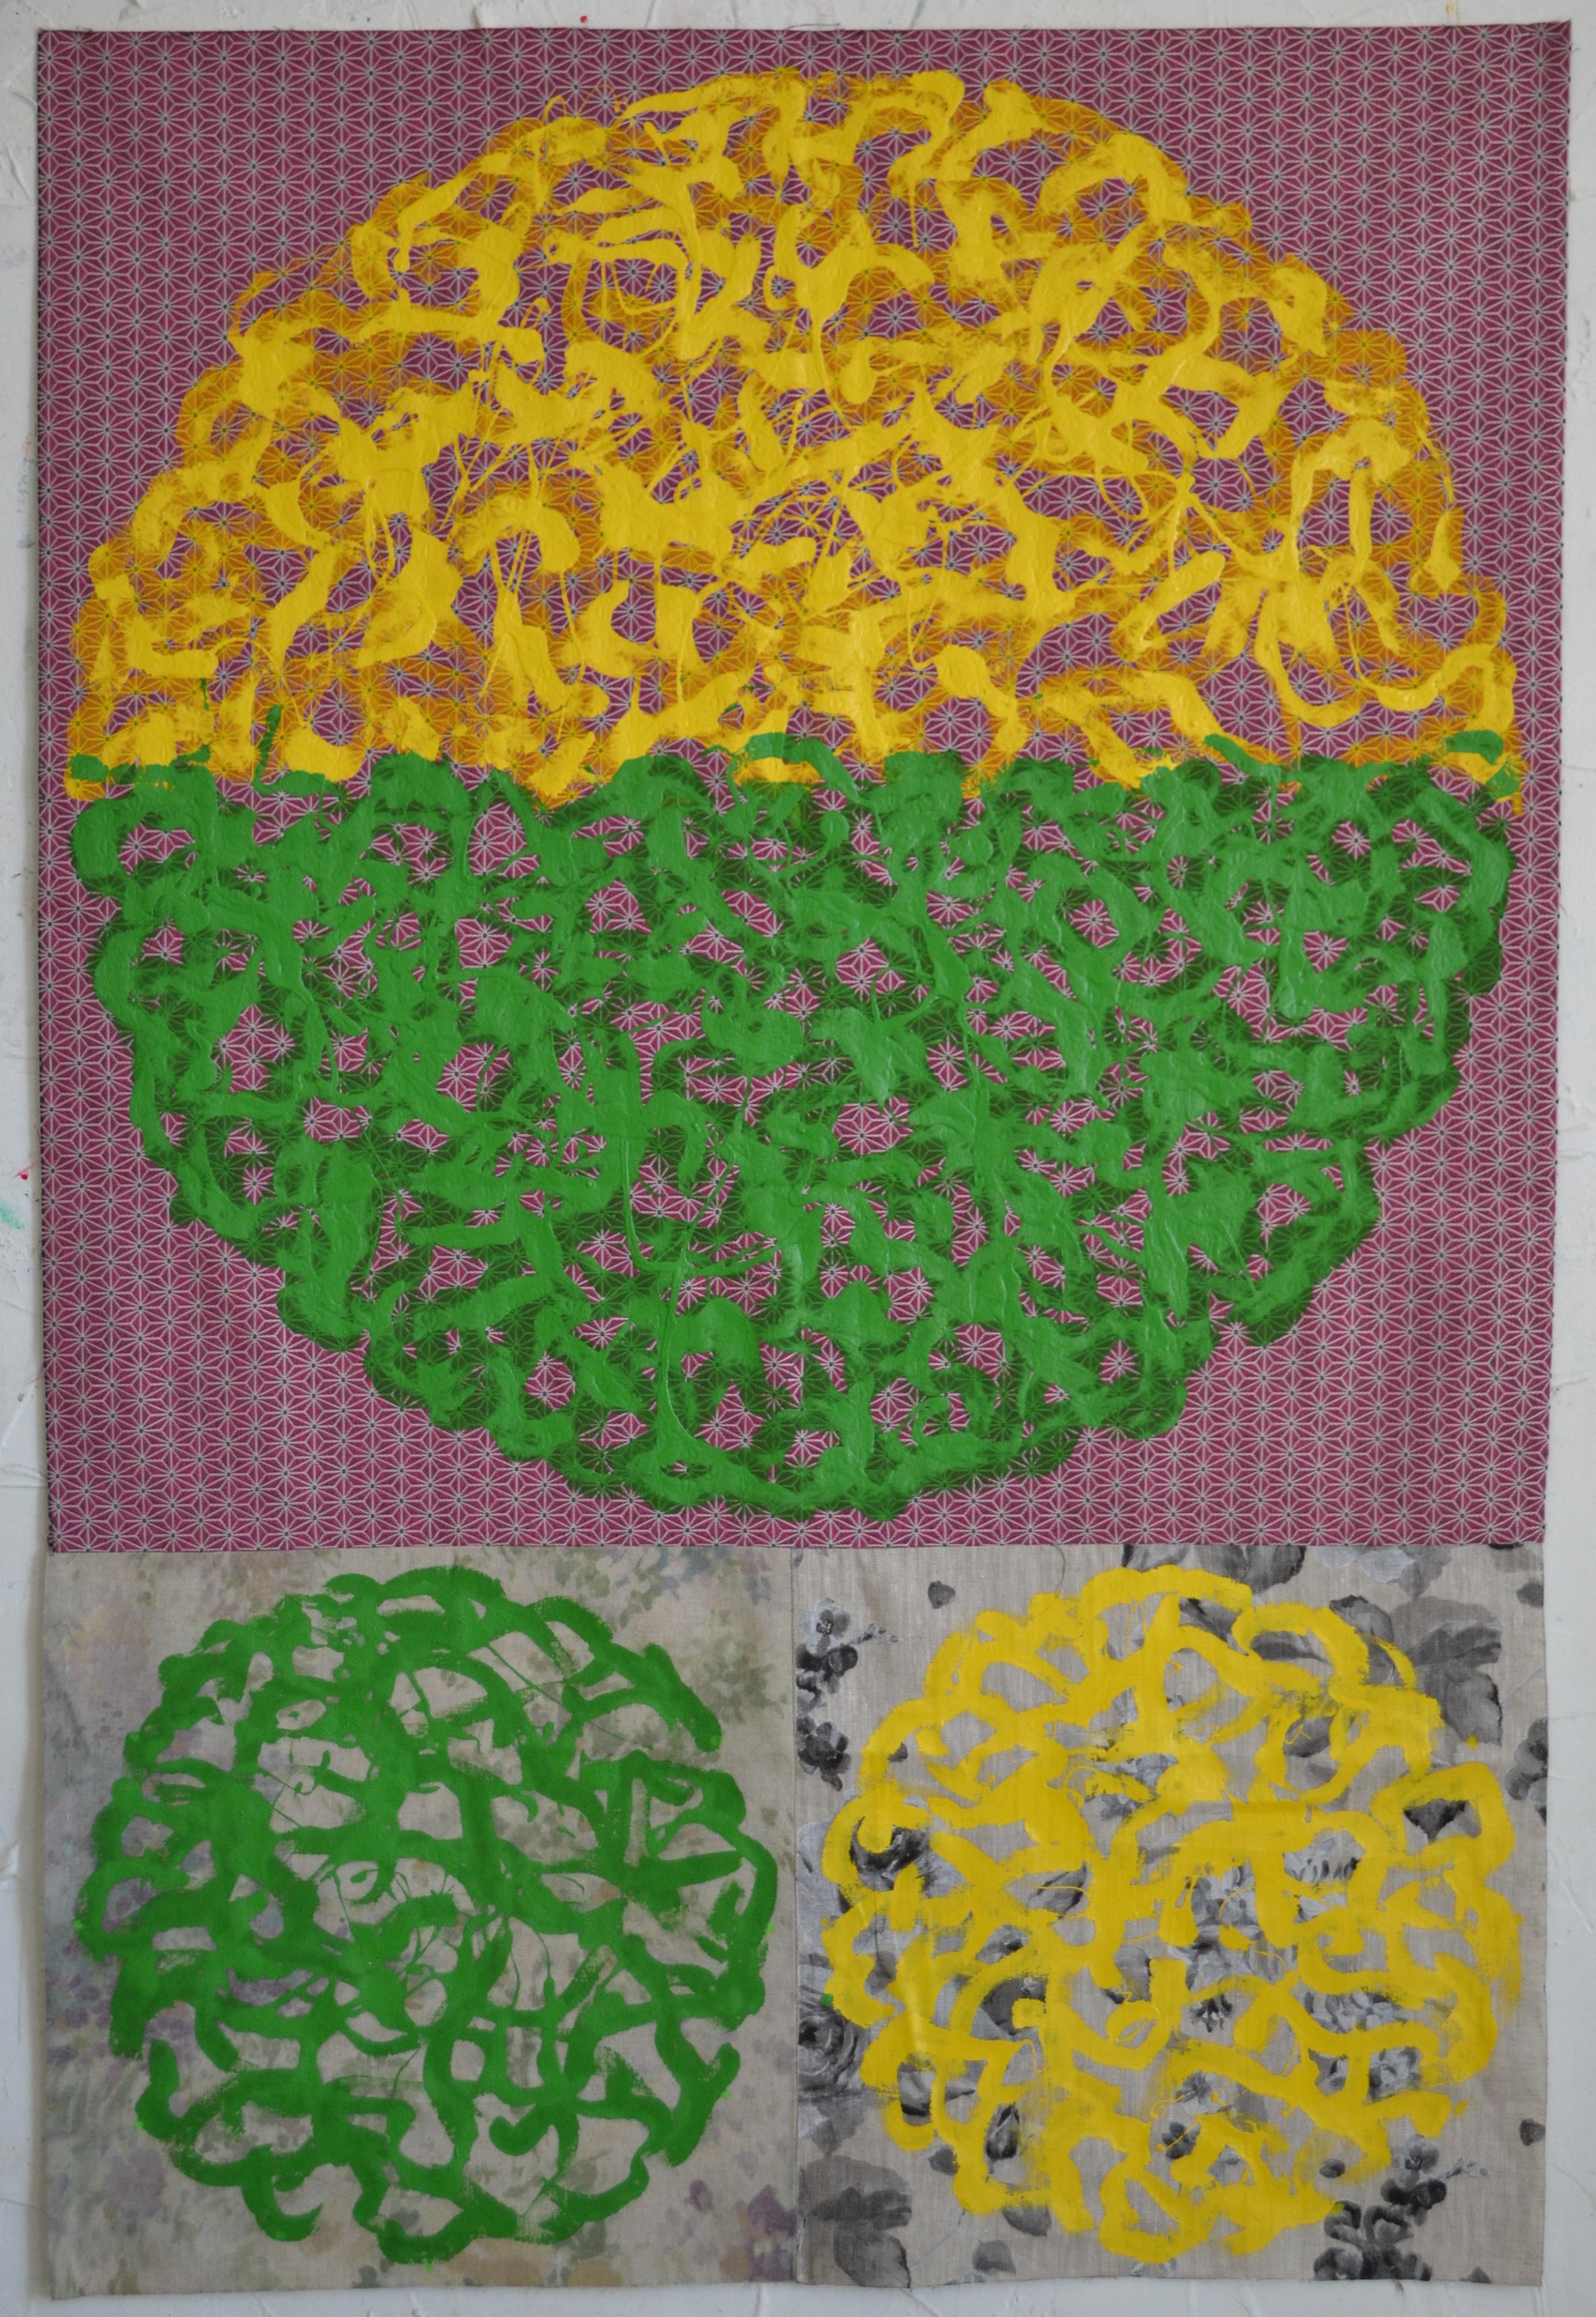 Mappemonde Peinture, acrylique sur tissu libre, 127 x 86 cm